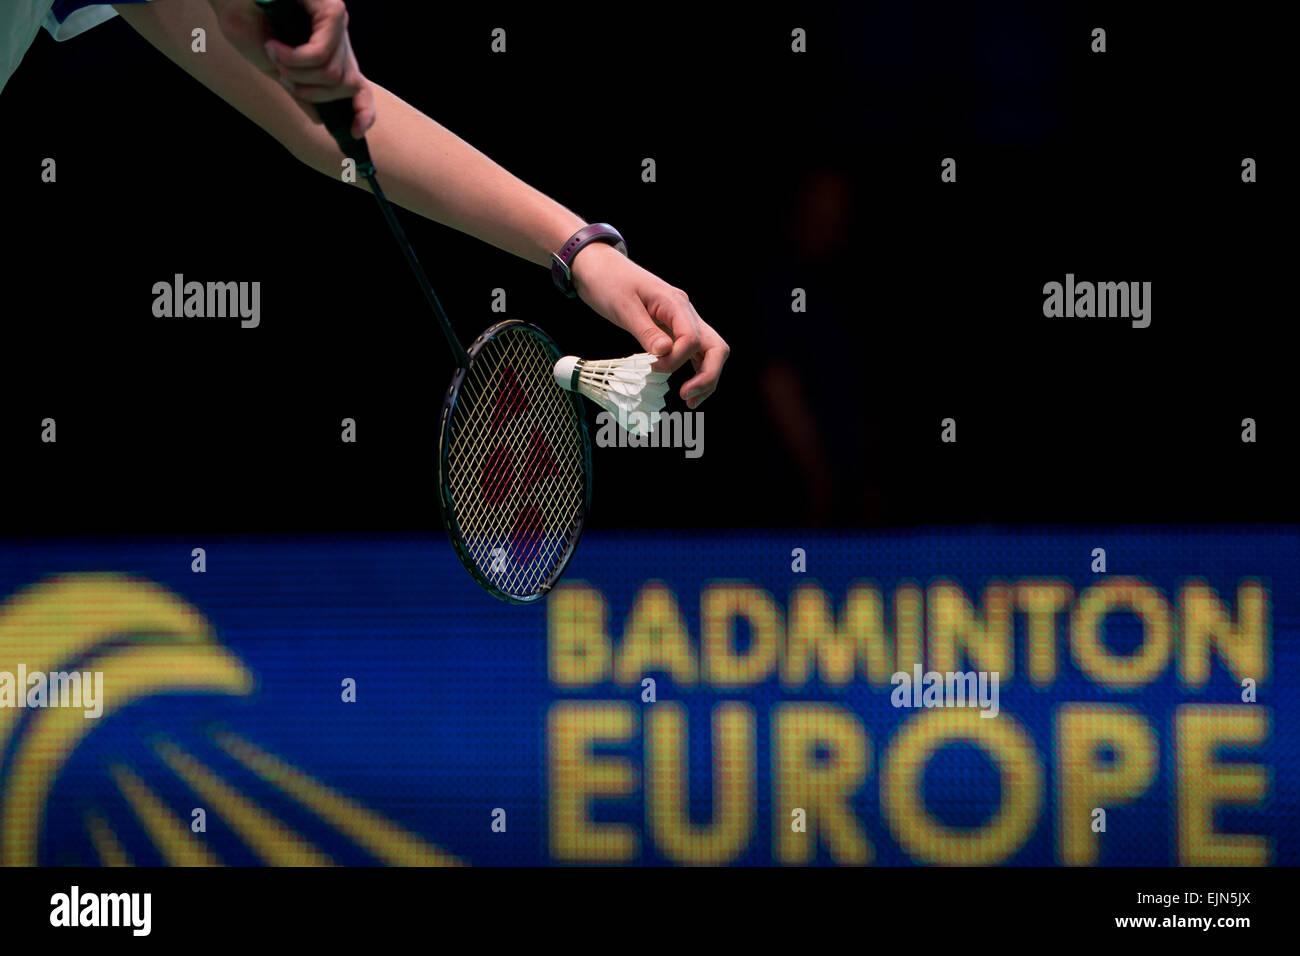 Lubin, Polonia. 29 Mar, 2015. Semifinale del team nel torneo di badminton durante Campionati Europei Junores 2015. Immagini Stock